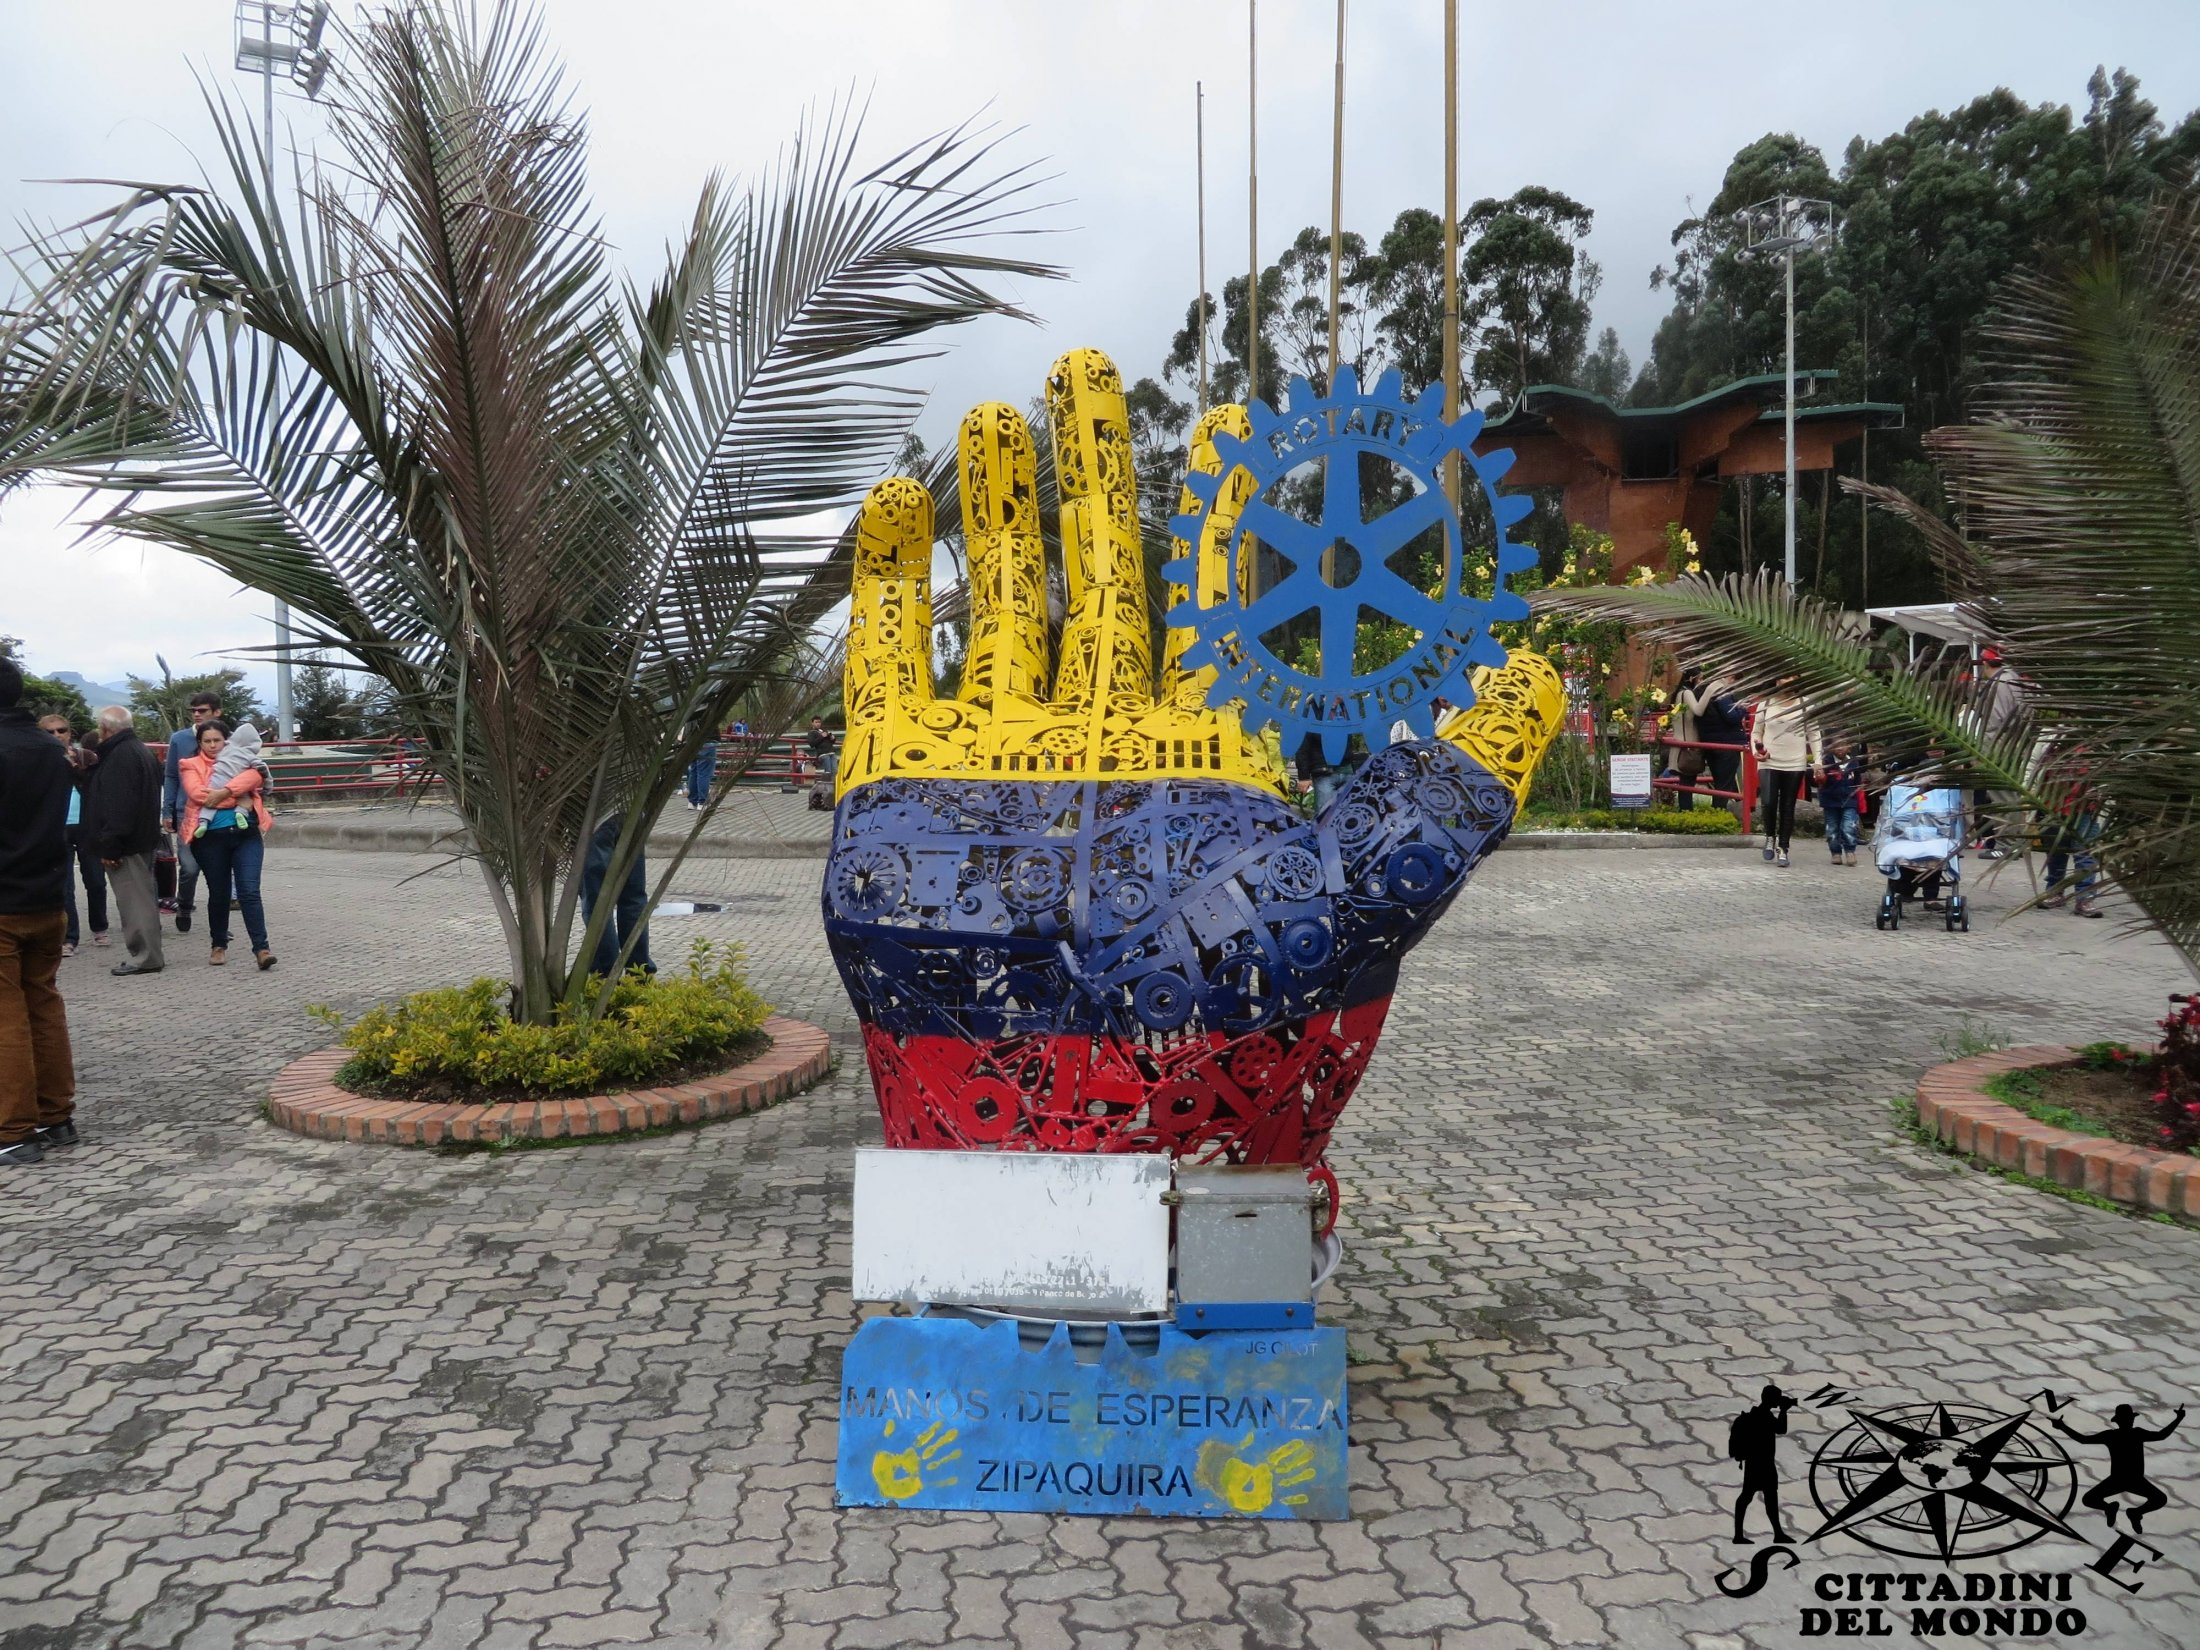 Galleria Colombia: Zipaquira